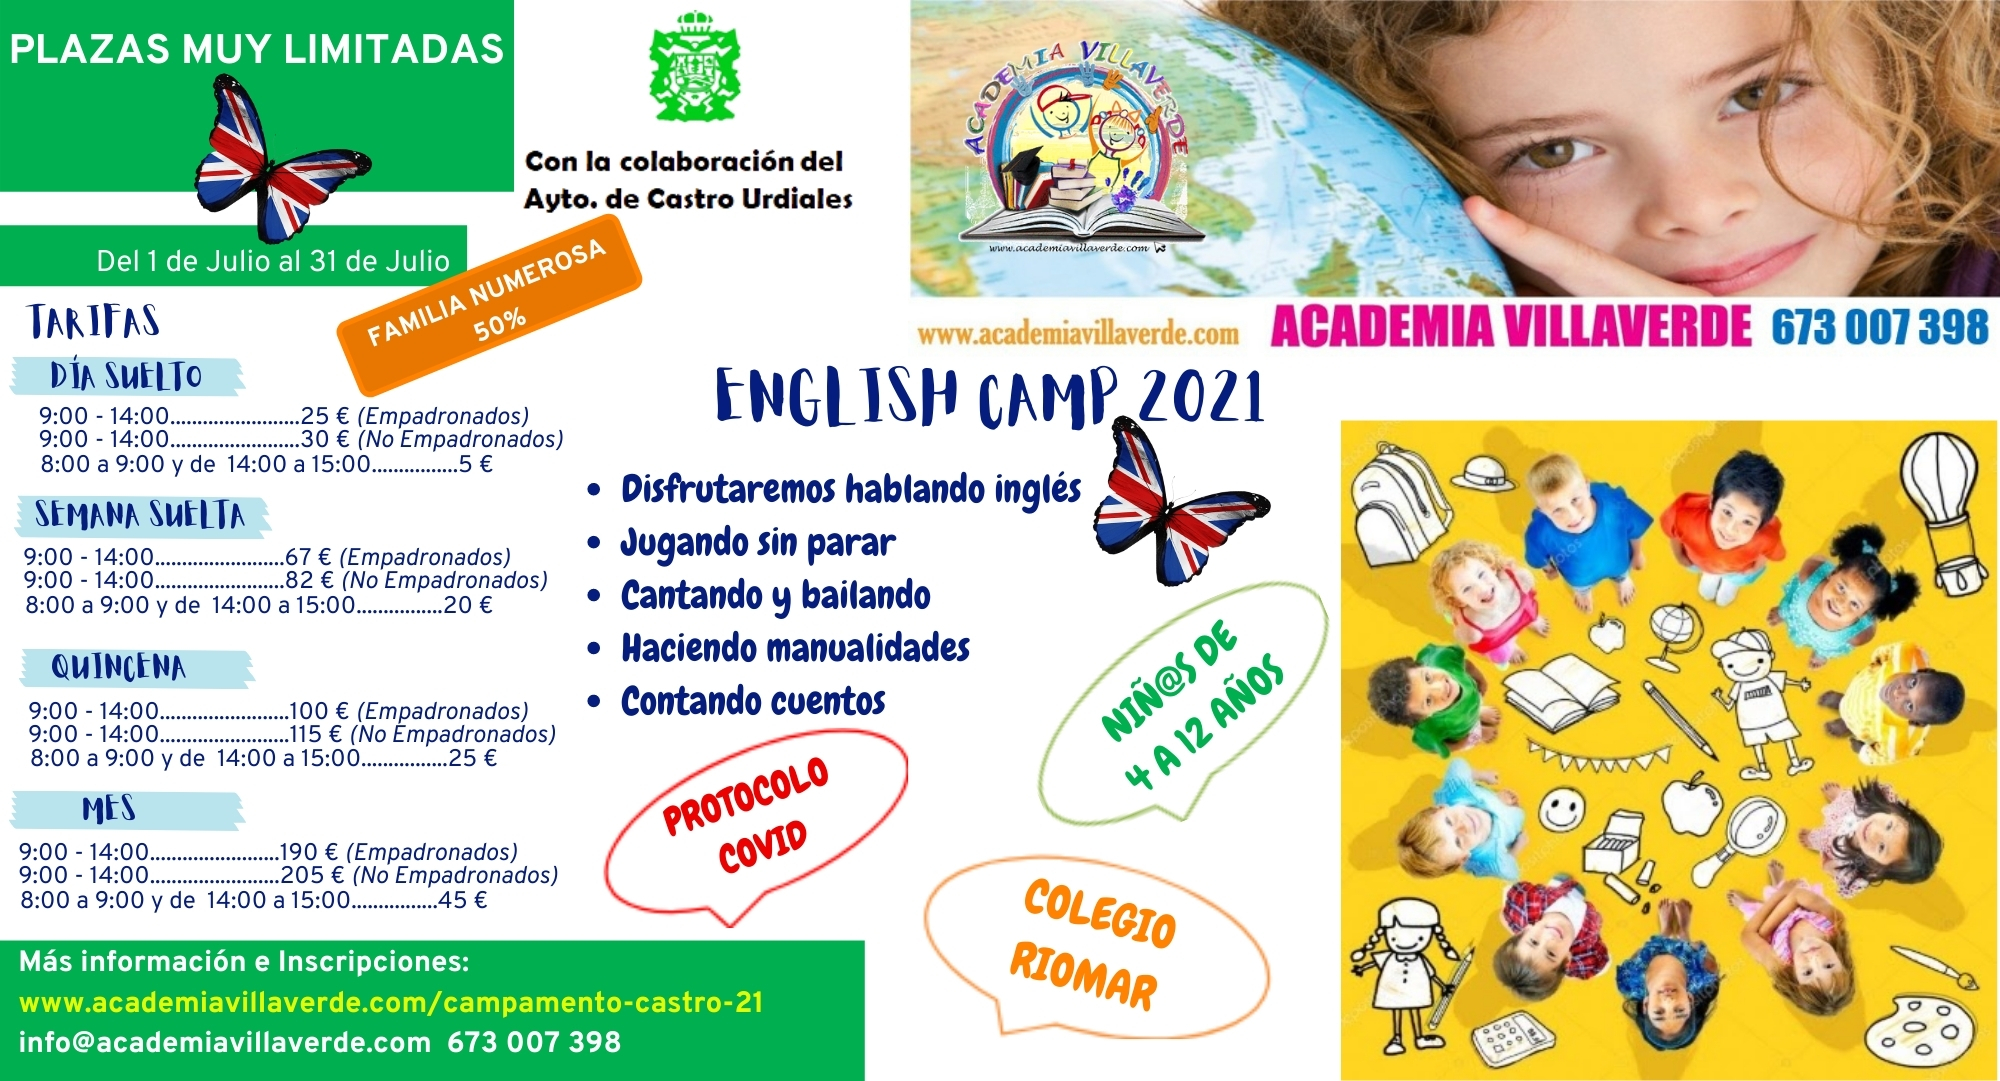 CAMPAMENTO INGLÉS CASTRO URDIALES 2021